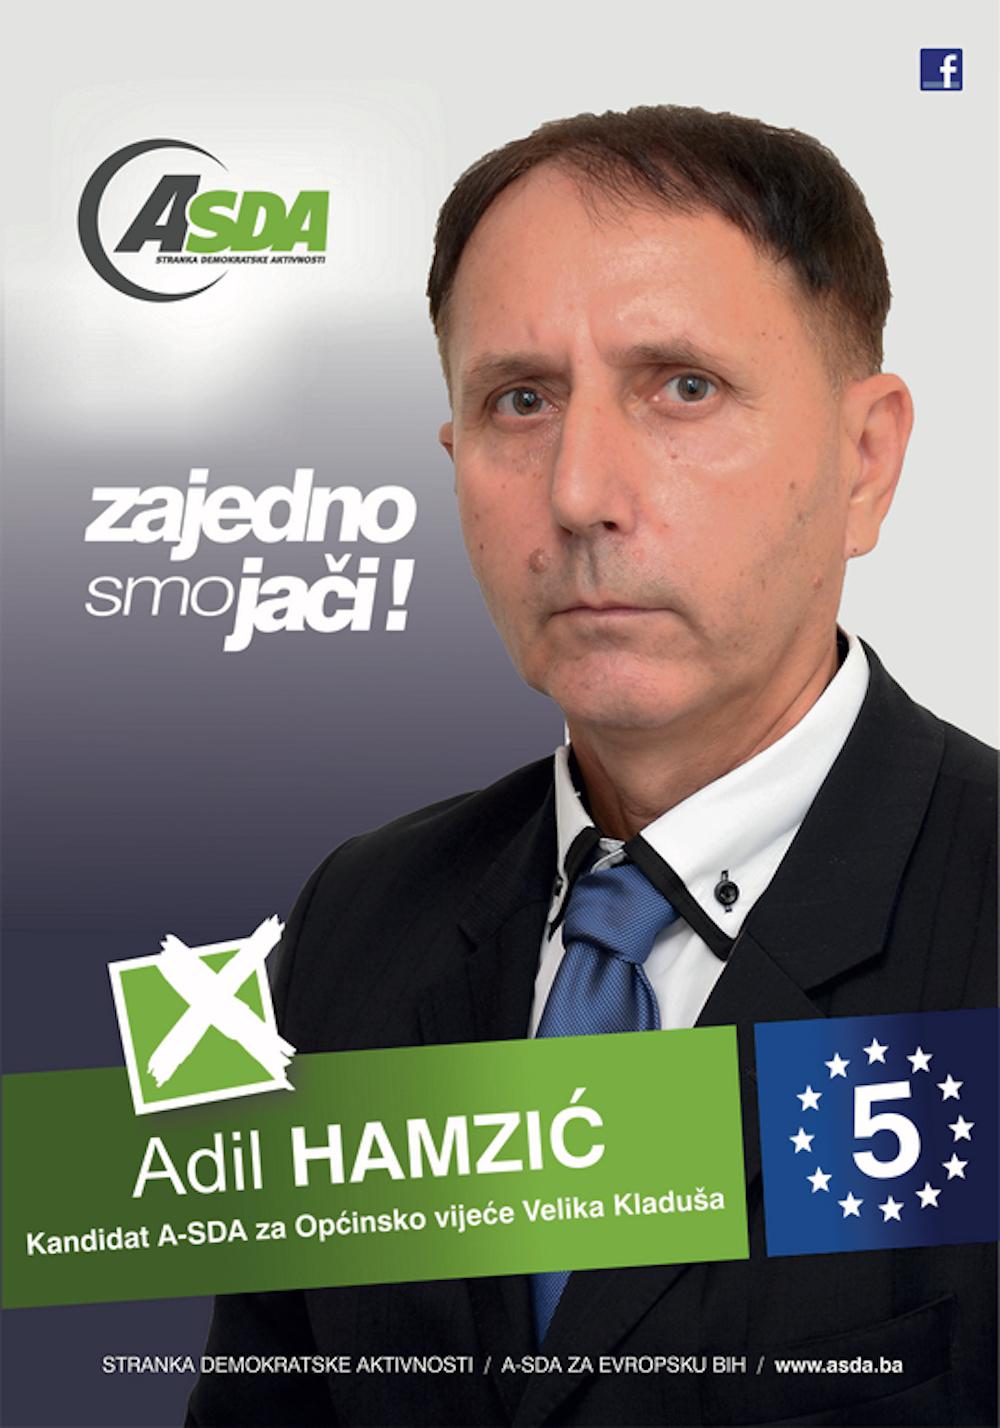 Rođen 5.2.1968.godine Profesor razredne nastave Zaposlen Otac 3 djece Živi u Vrnograču